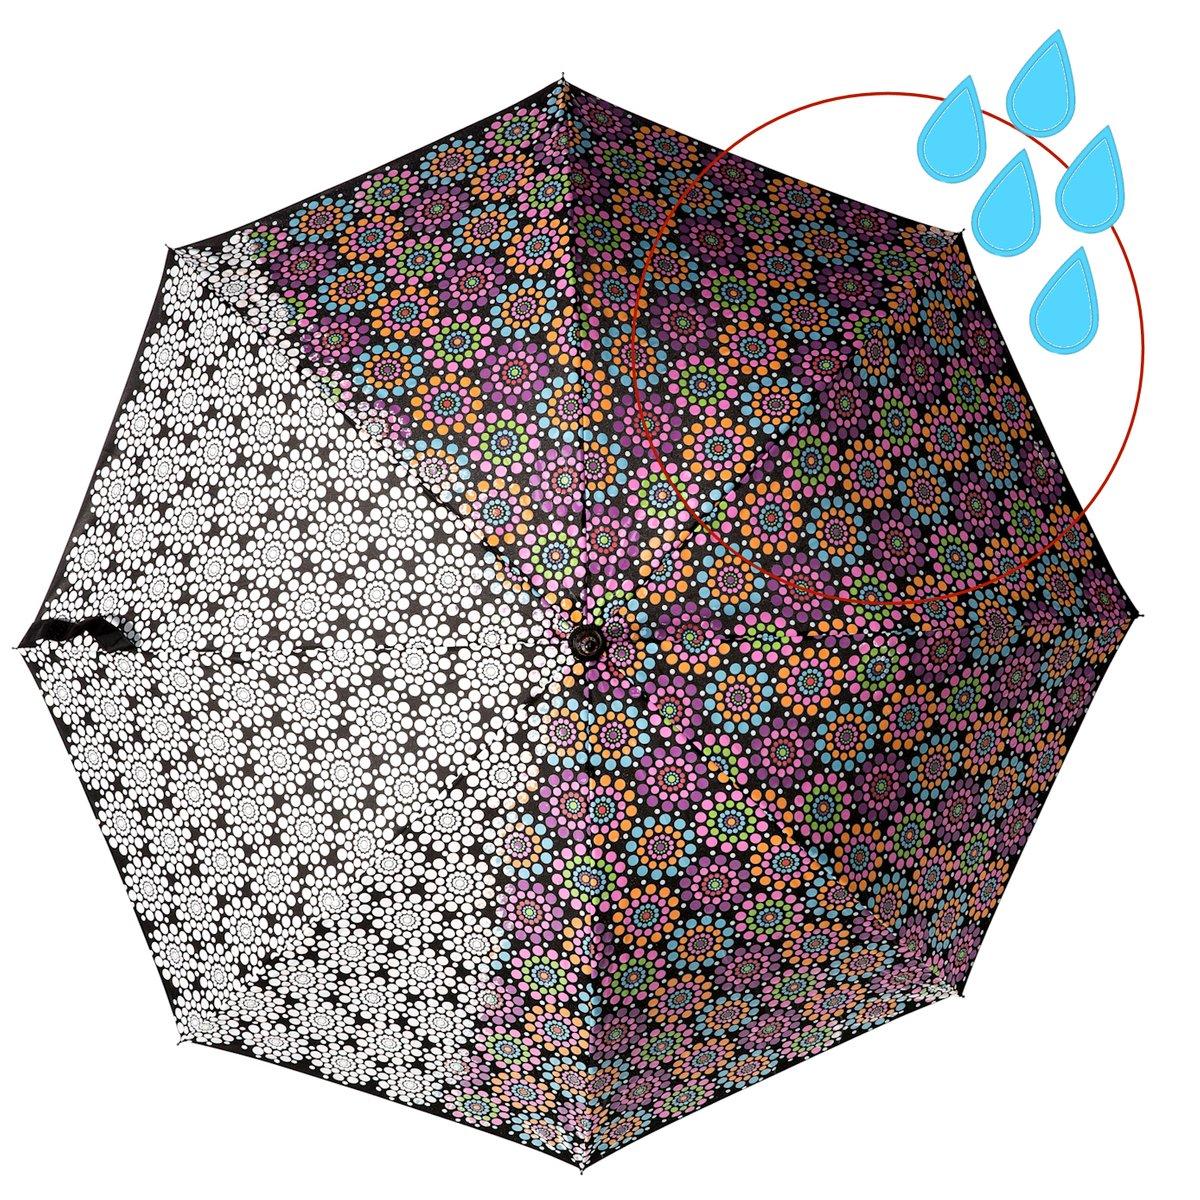 83cm Regenschirm Regen Schirm transparent blau ca